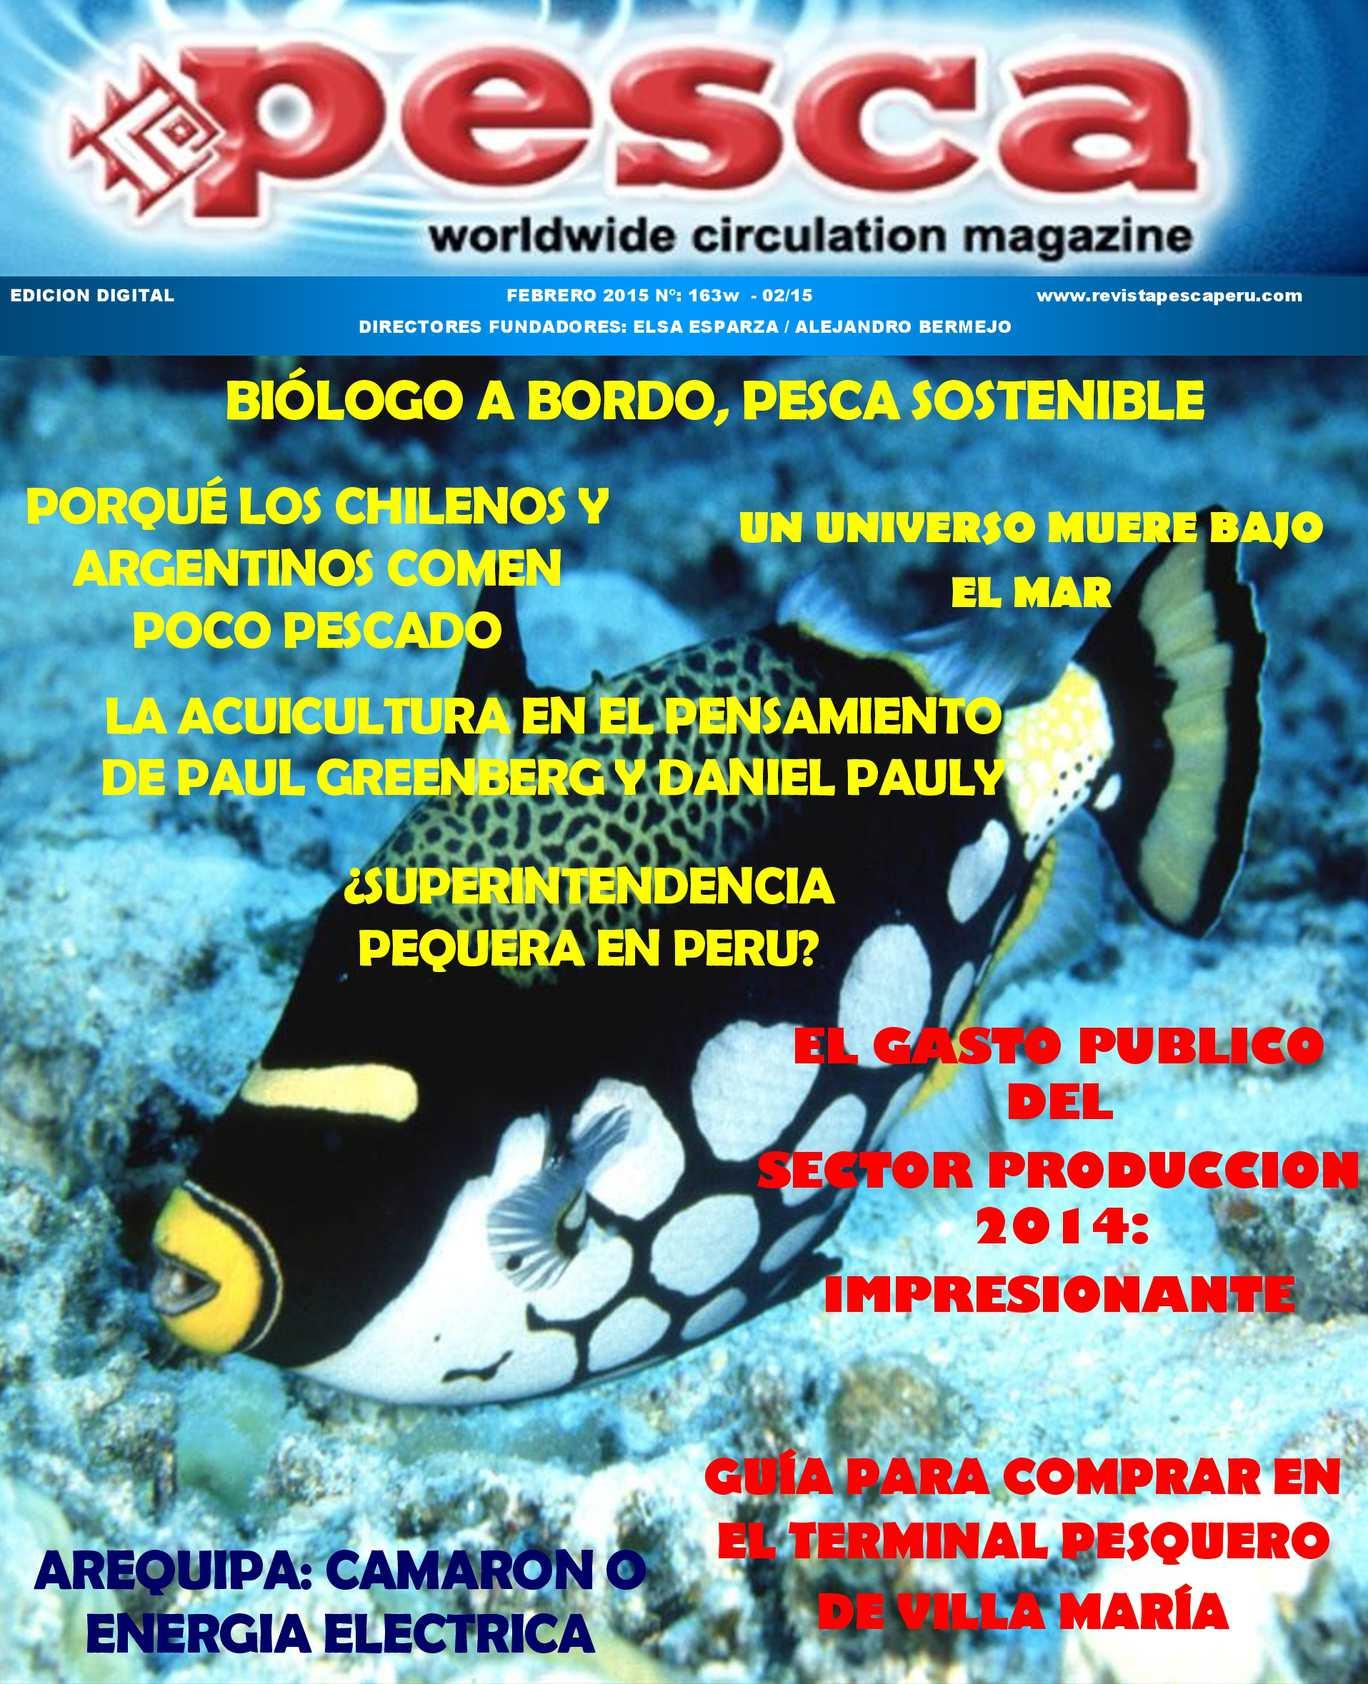 Calaméo - Revista Pesca Febrero 2015